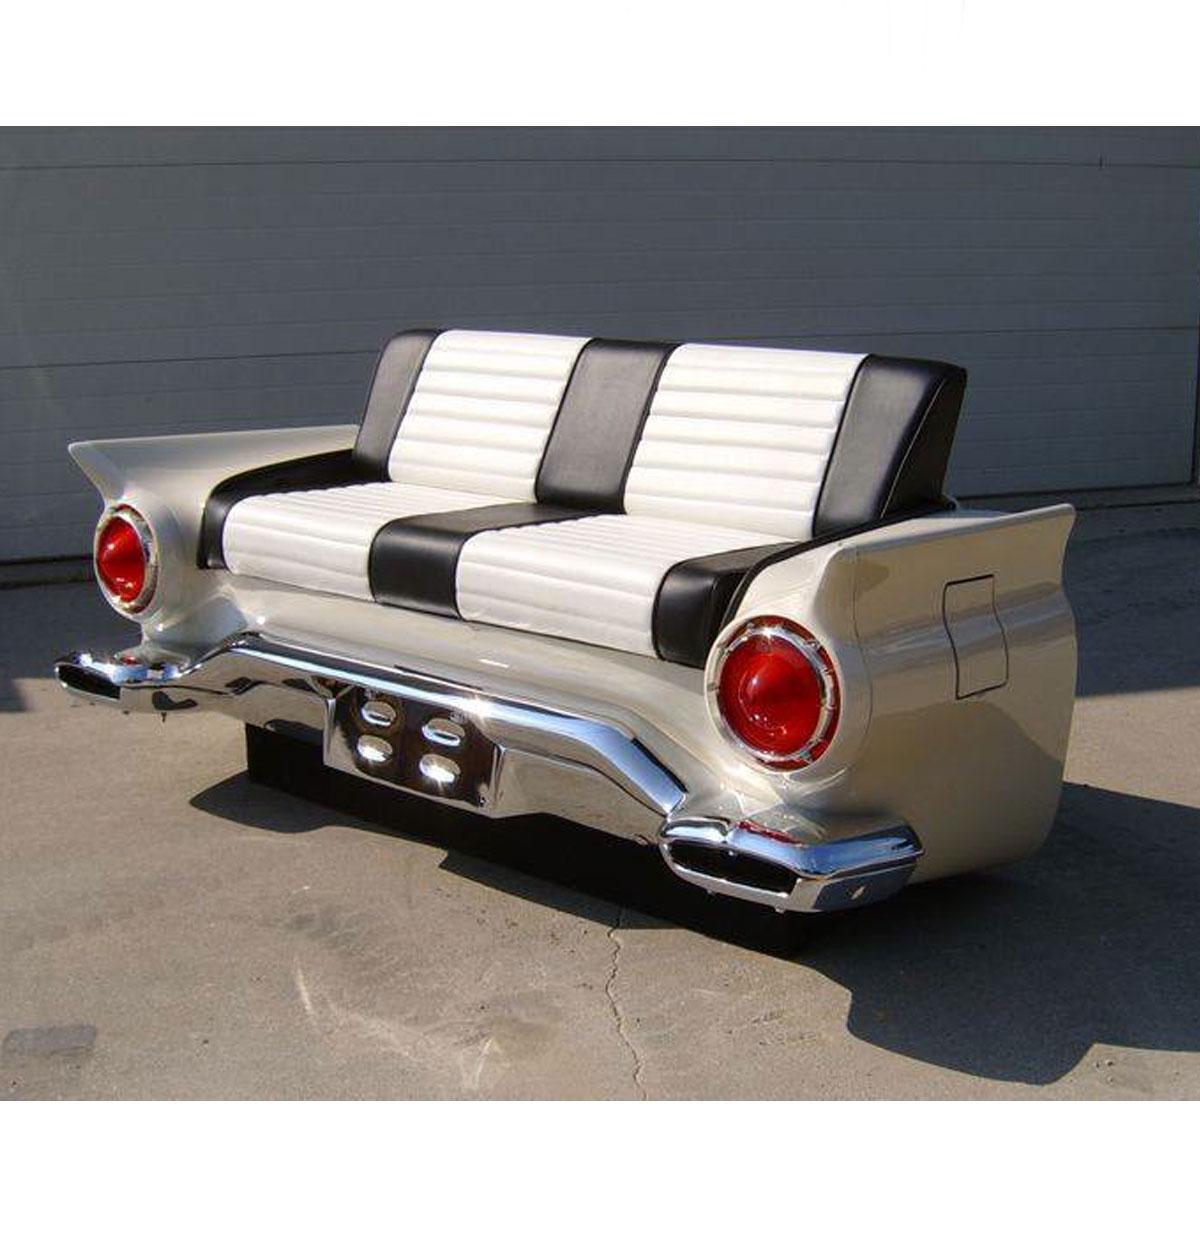 1950's Auto Bank - Van een echte auto